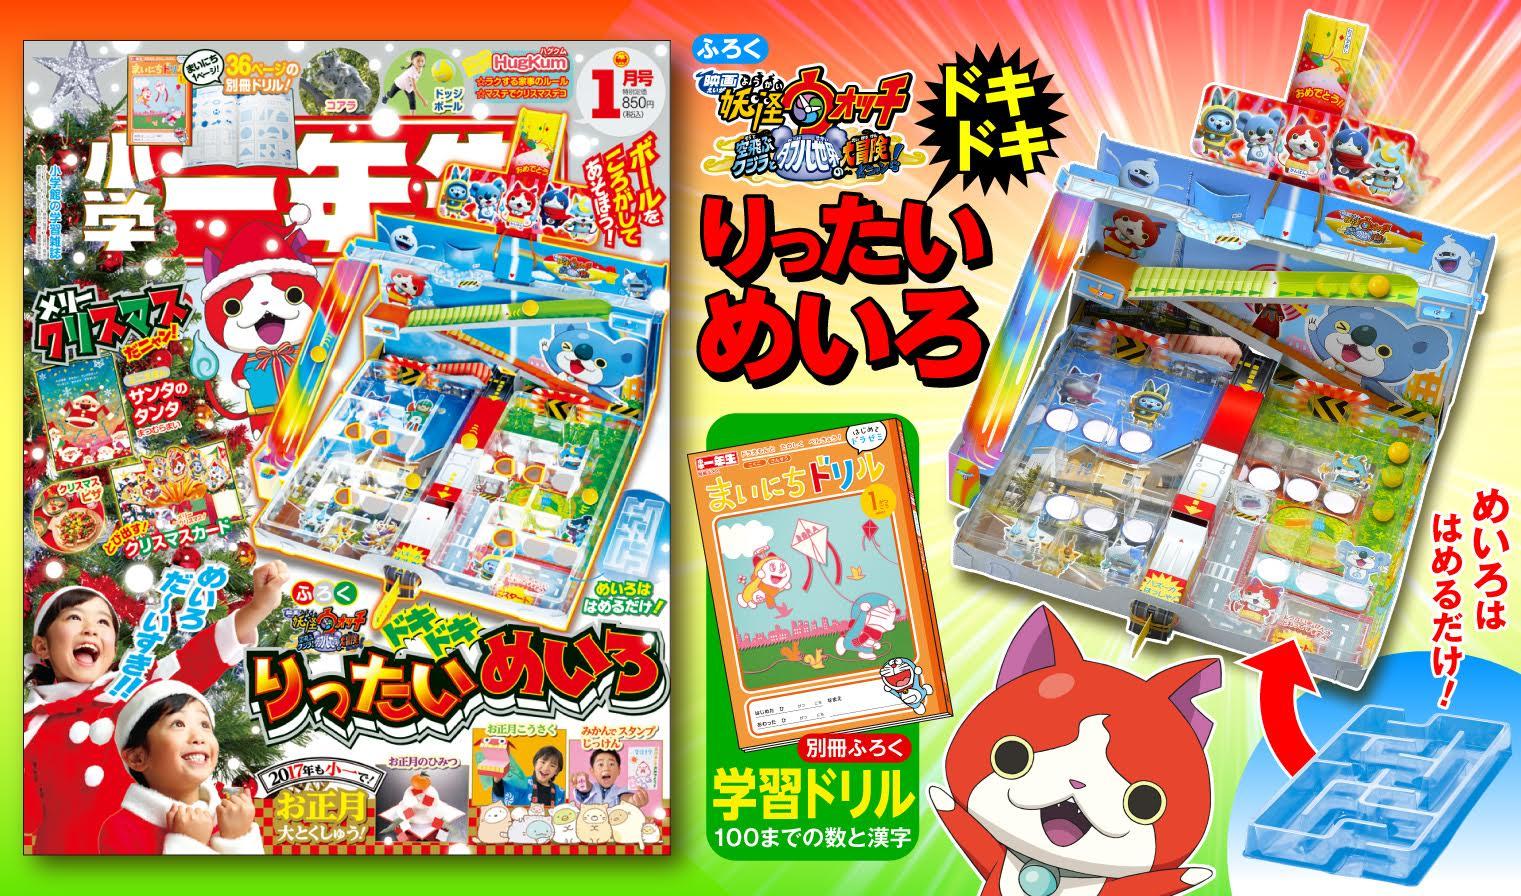 『小学一年生』1月号メインビジュアル